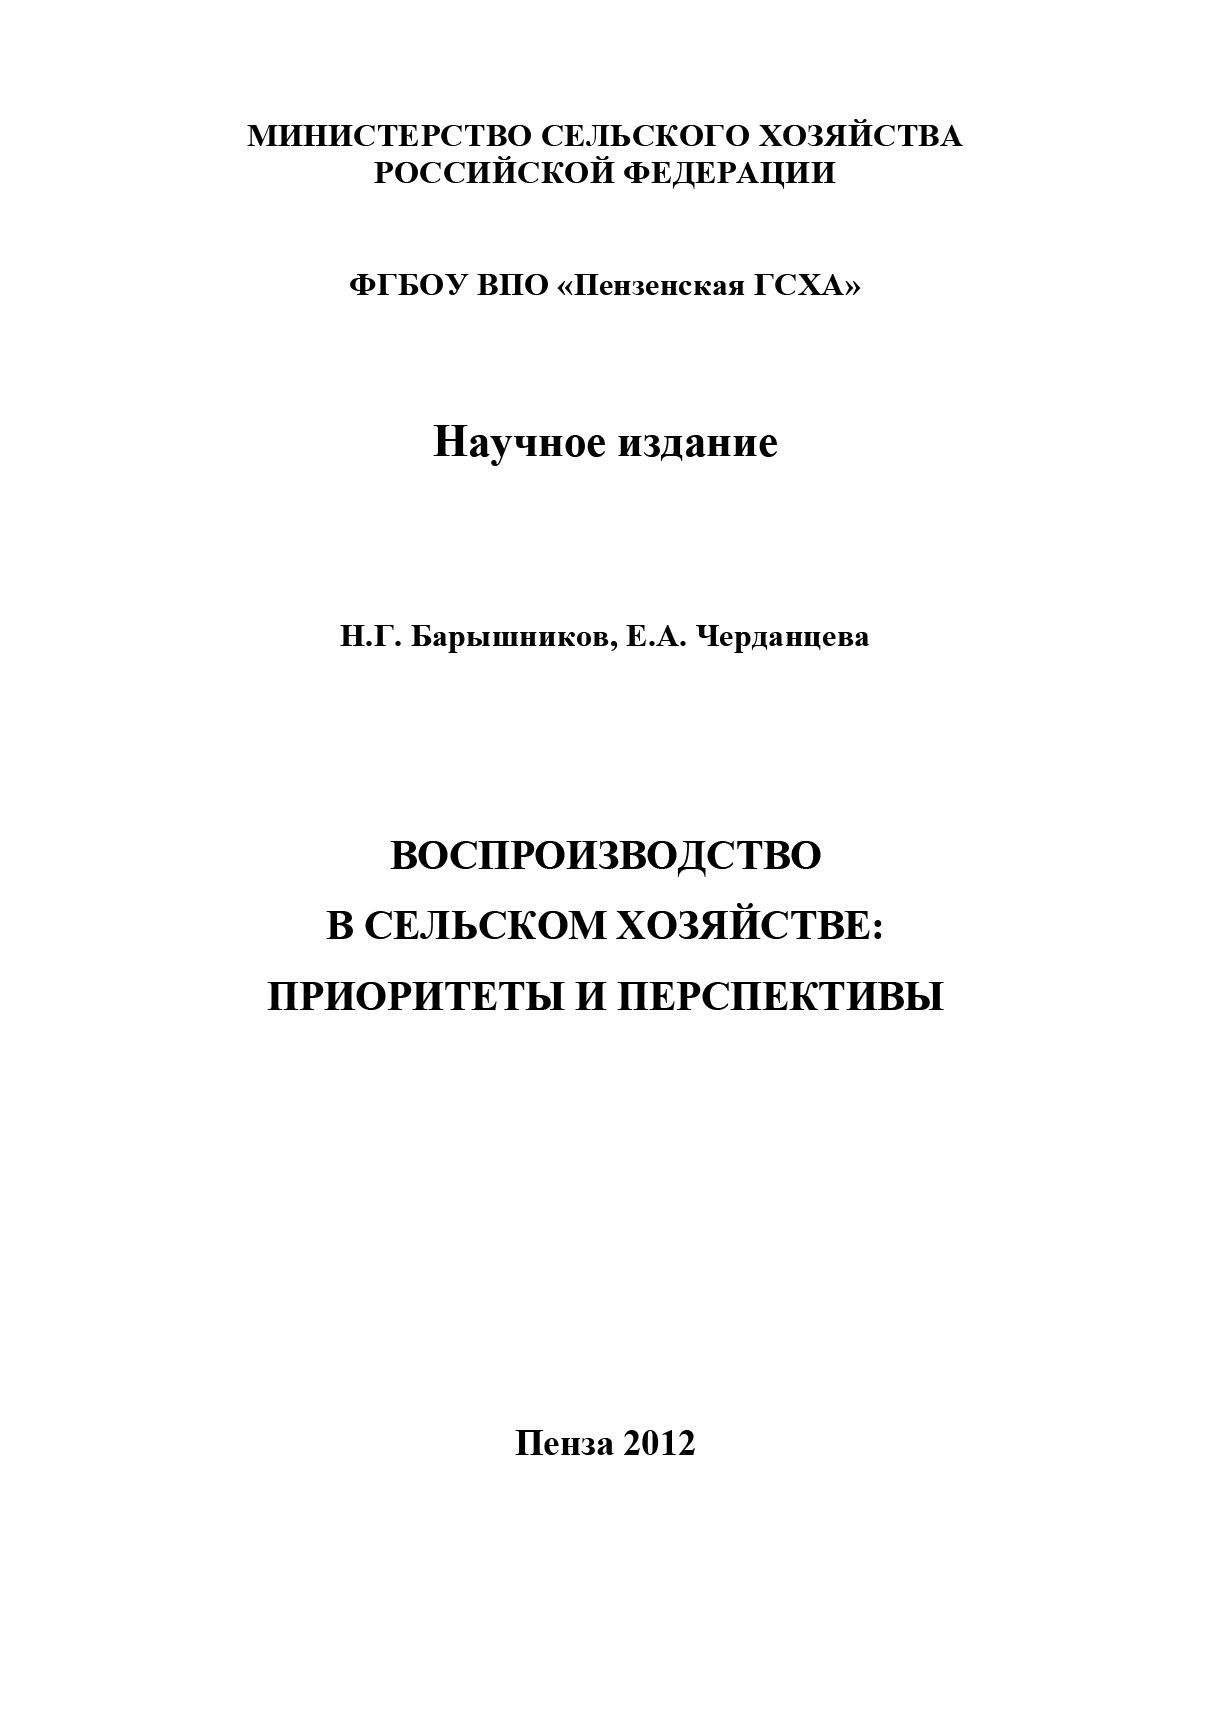 Н Г Барышников Воспроизводство в сельском хозяйстве приоритеты и перспективы